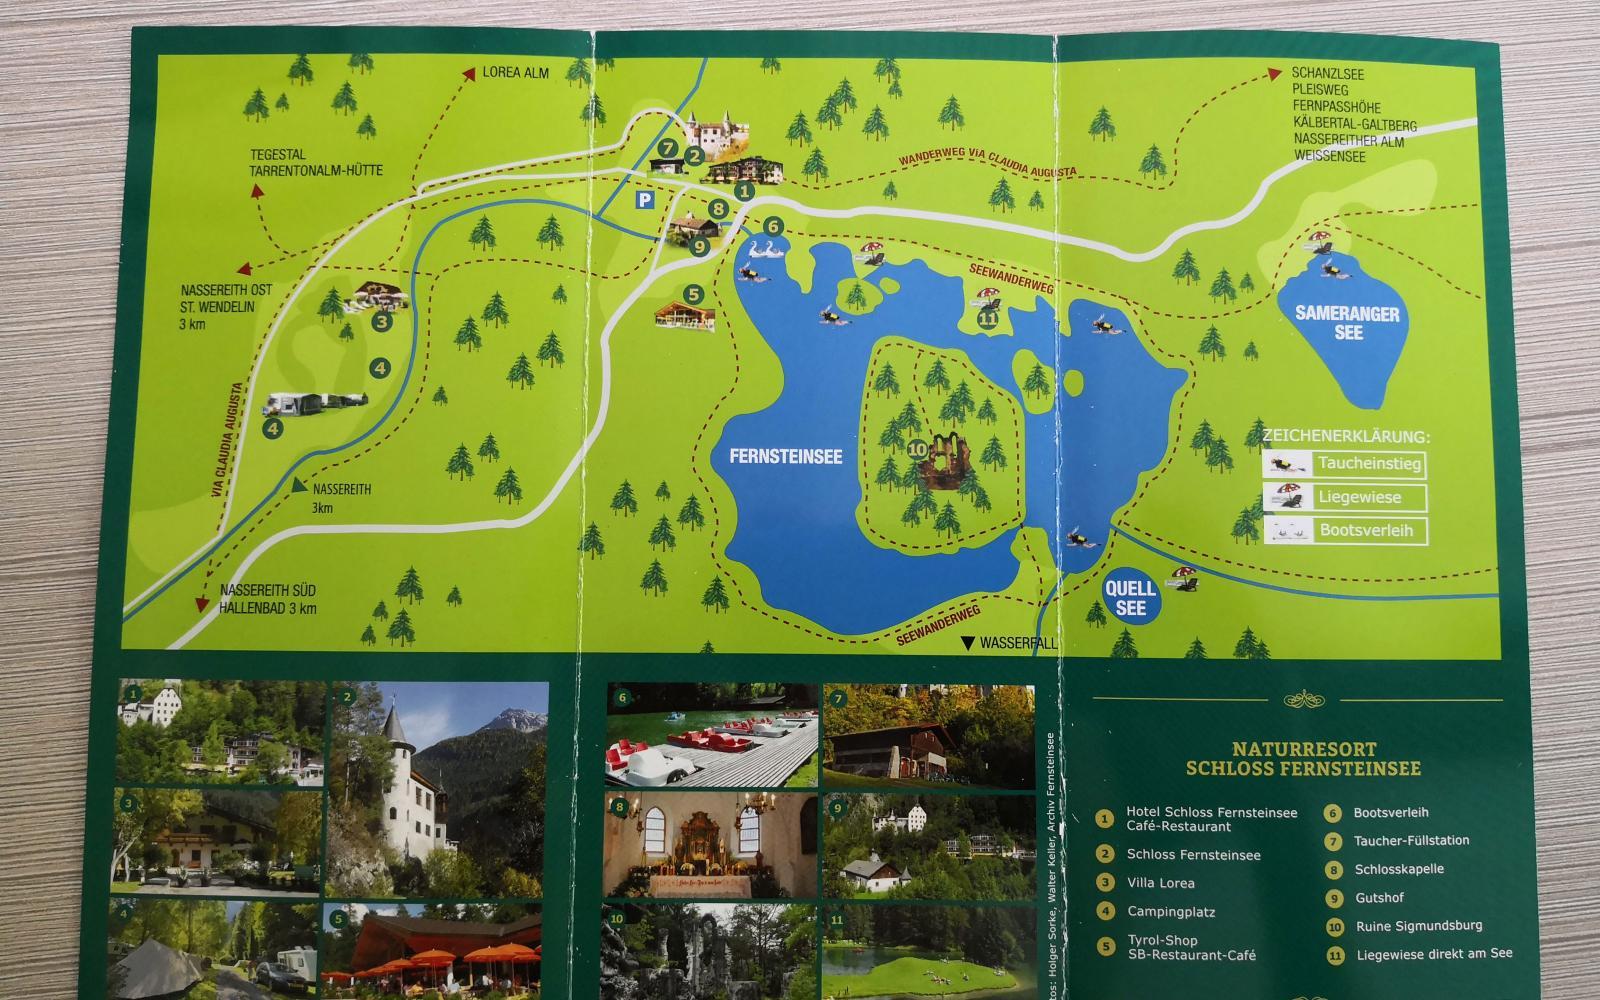 Fernsteinsee och Sameranger See tillhör samma ägare som driver hotell och camping.